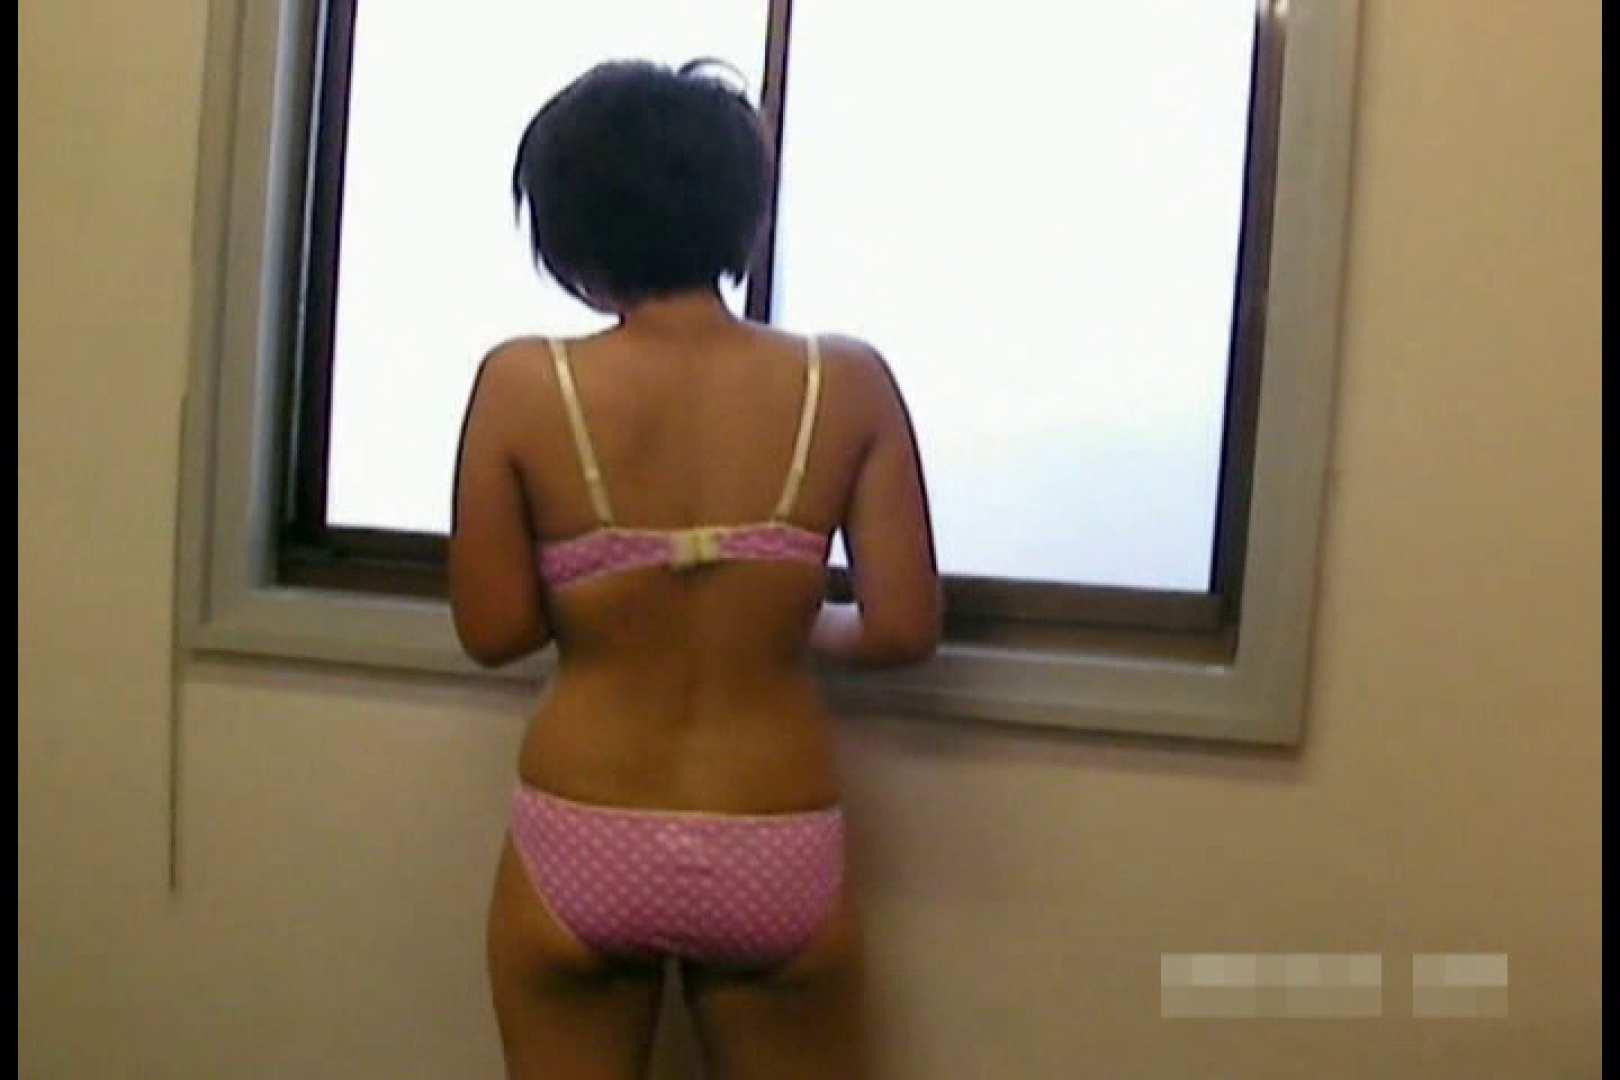 素人撮影 下着だけの撮影のはずが・・・エミちゃん18歳 素人のぞき えろ無修正画像 95pic 74